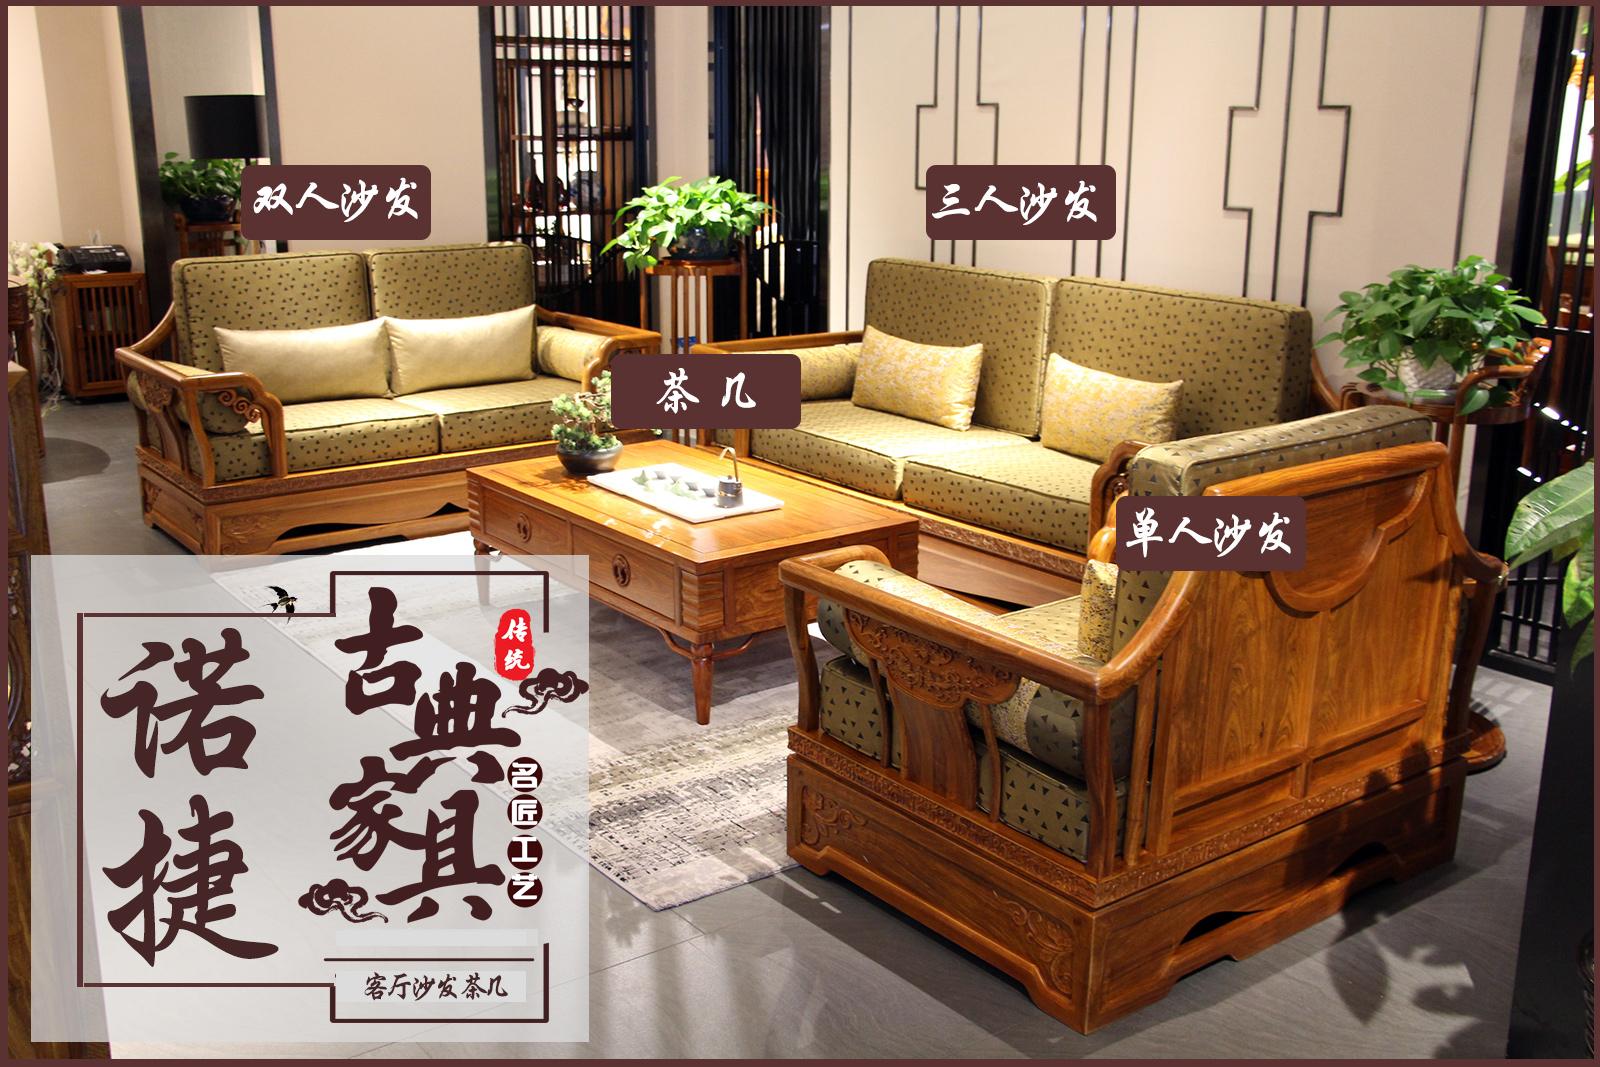 诺捷家具为你打造明清中式风格客厅空间